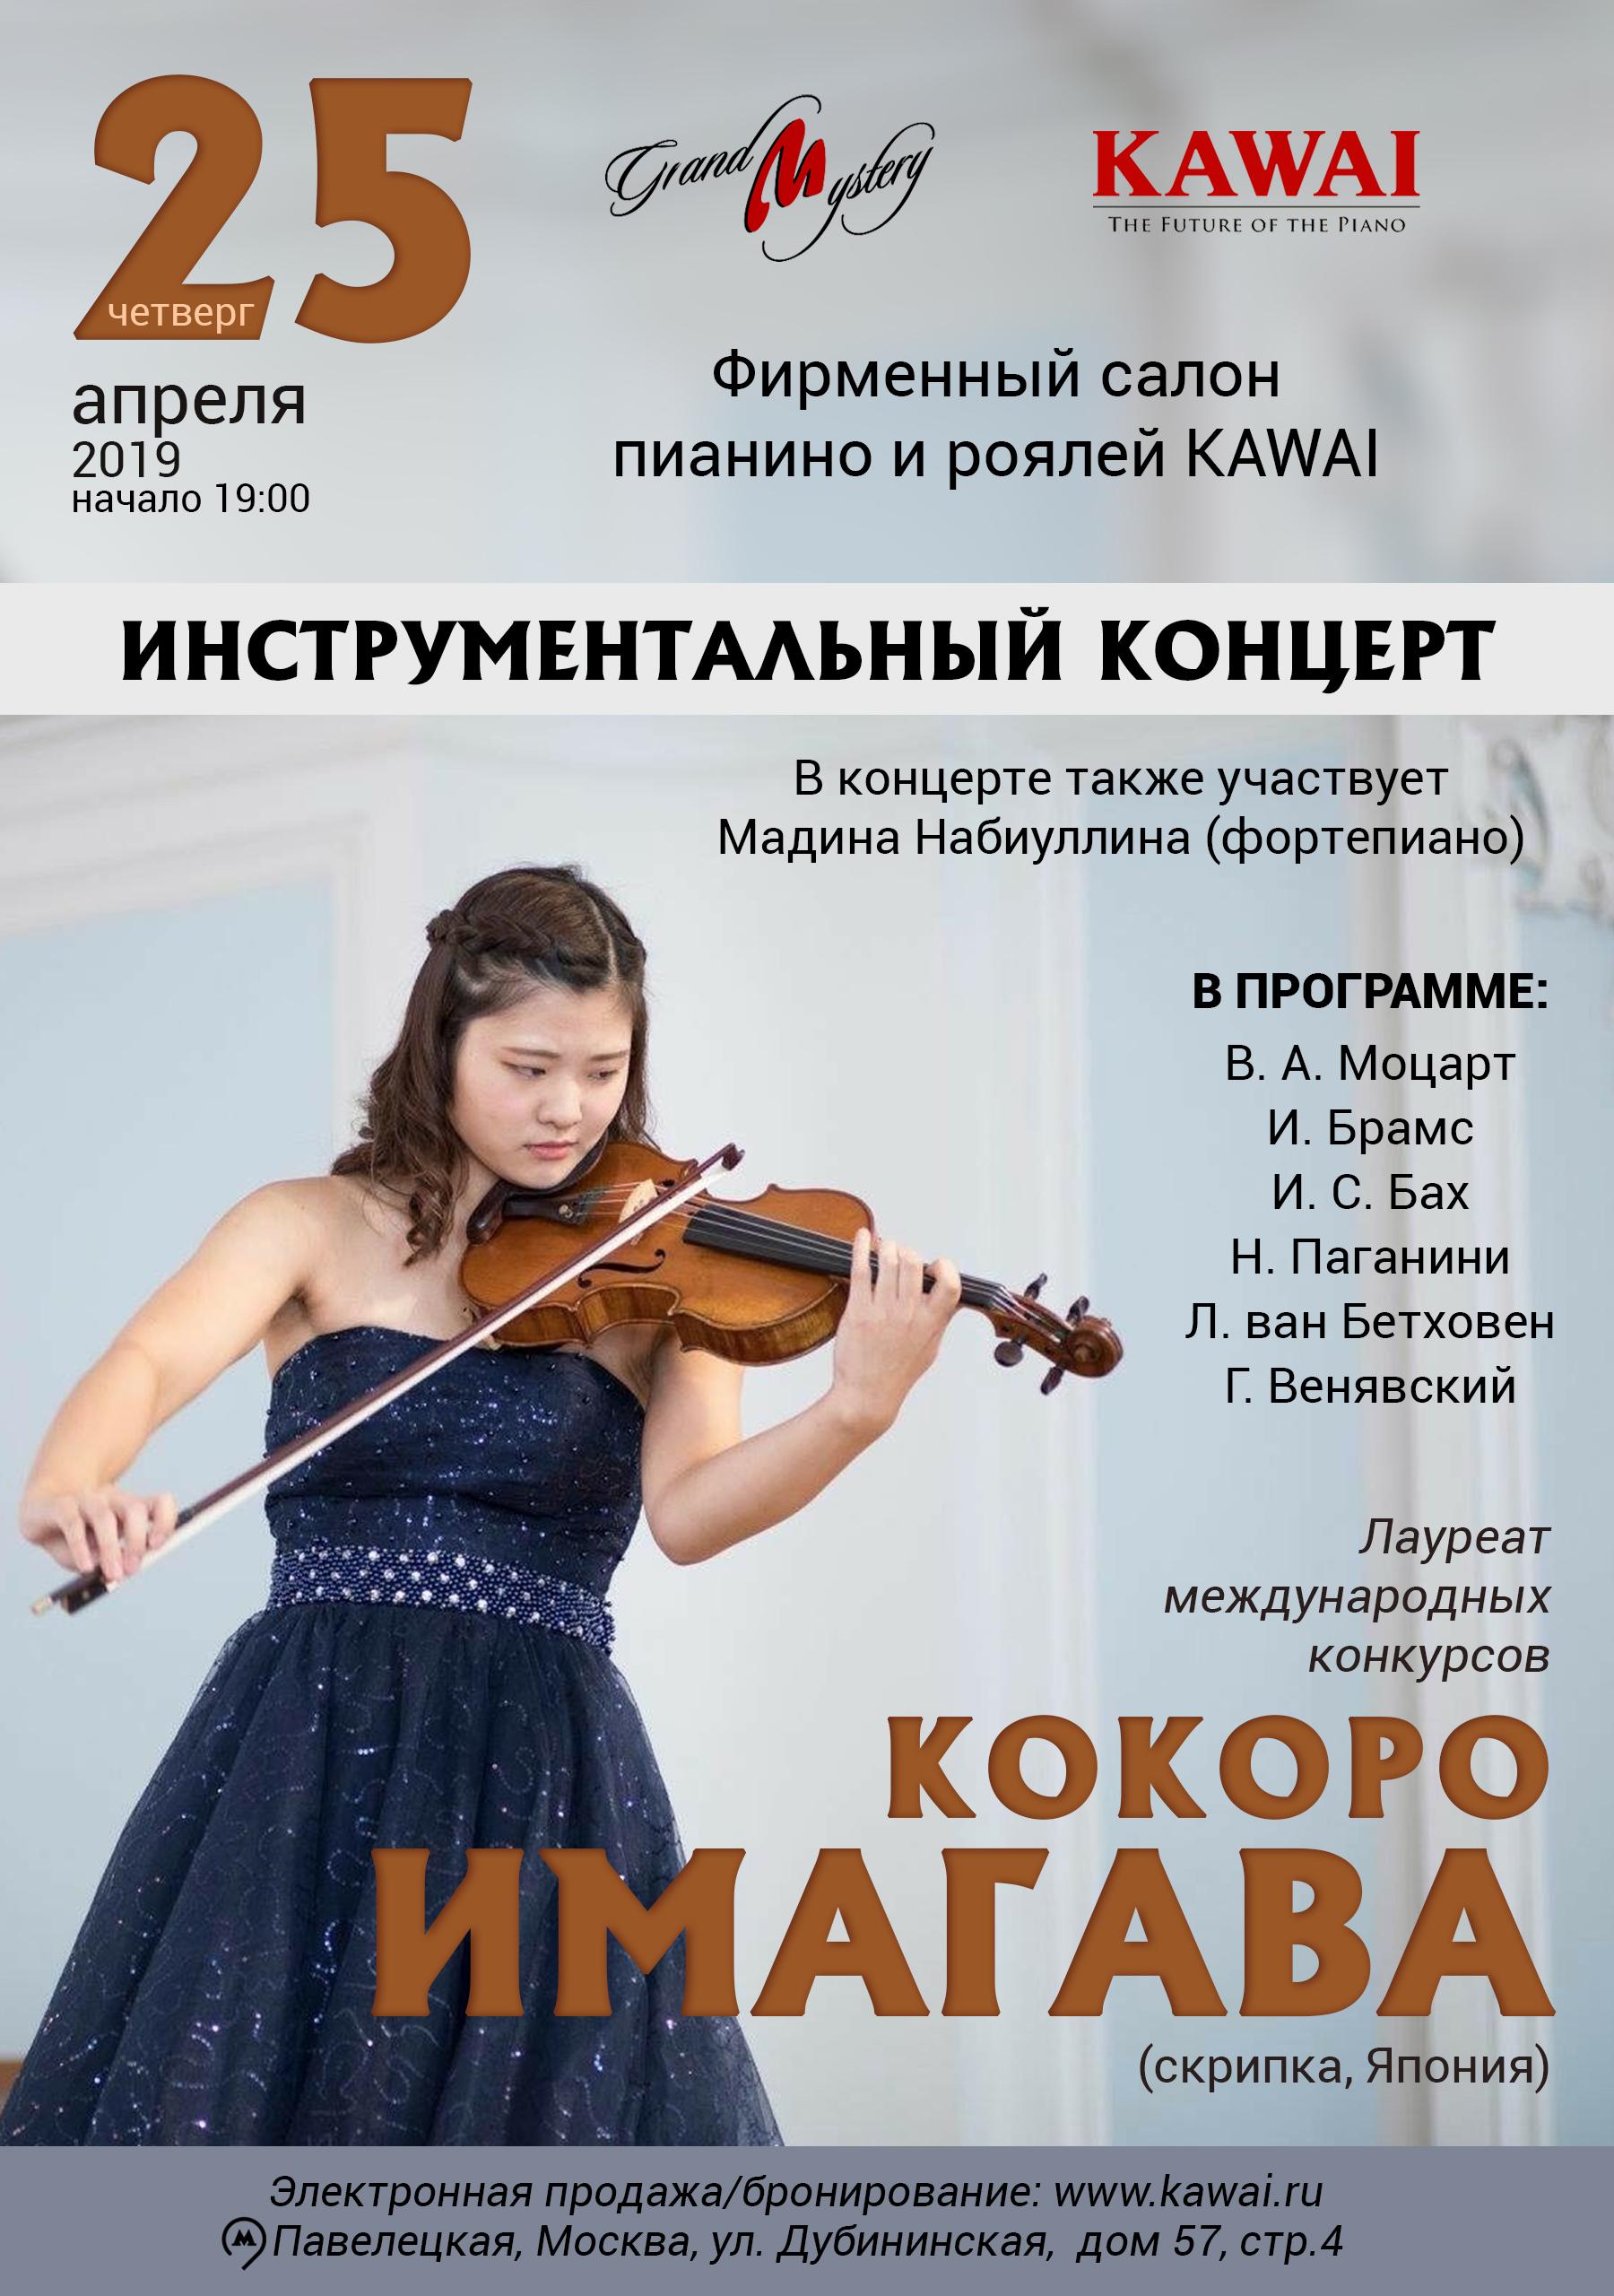 Инструментальный концерт Кокоро Имагавы (Япония)